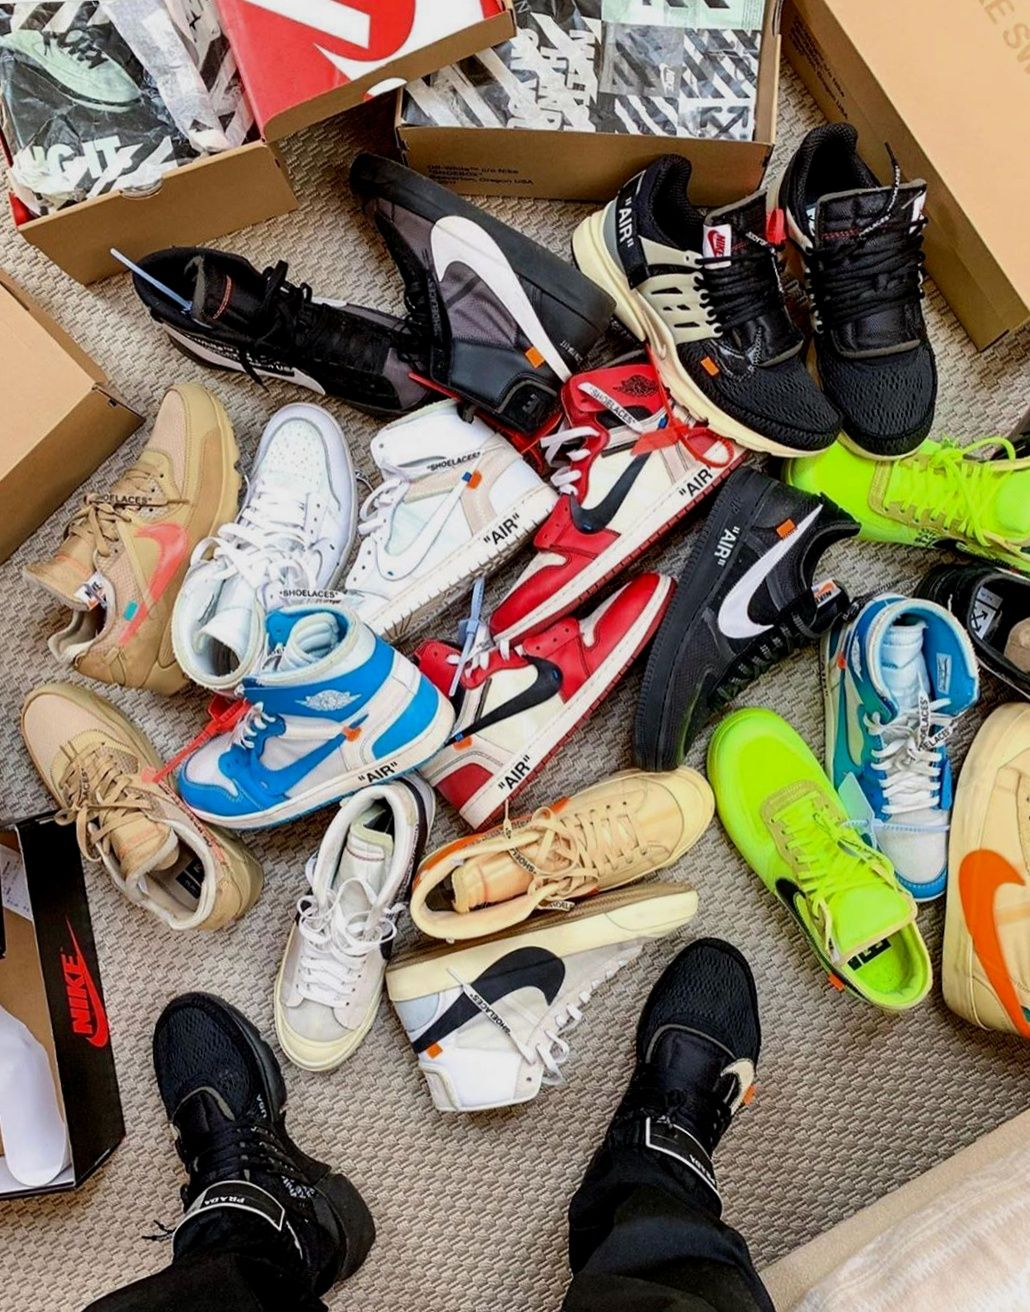 Jordan 1 Retro High Off White 2020 Christmas Outifts Trendsoutfit Casual Shoes In 2020 Nike Fashion Shoes Nike Women Fashion Casual Shoe Sneakers